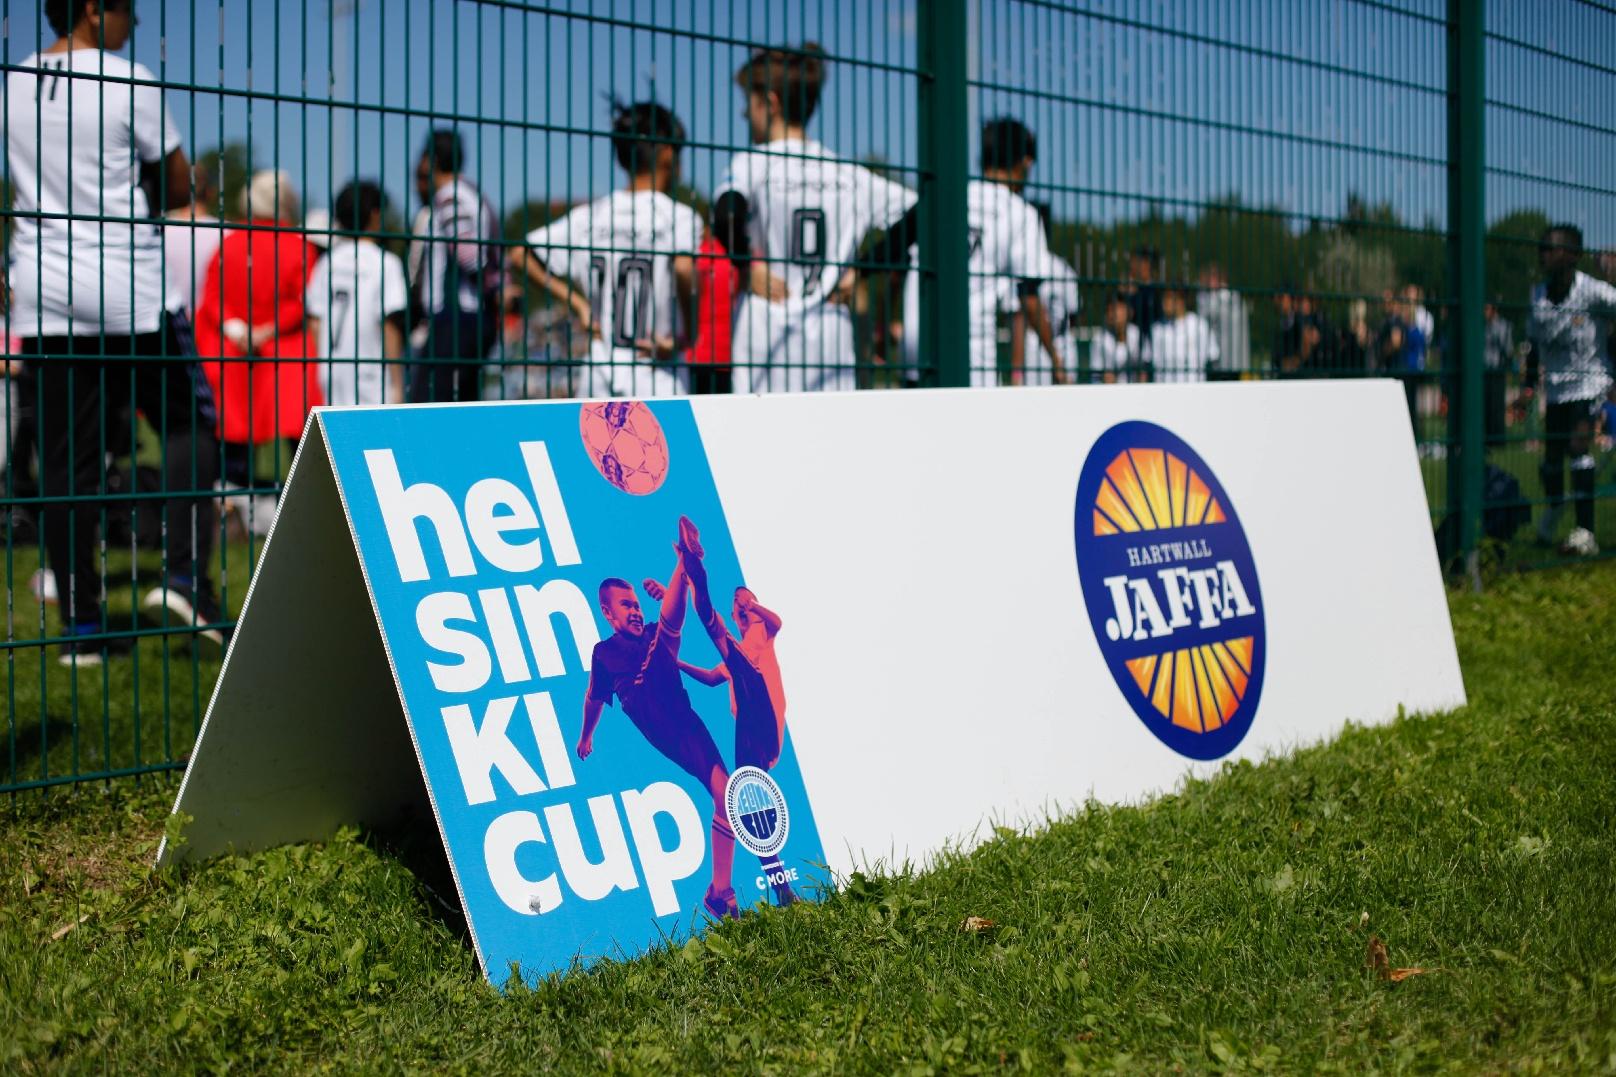 Helsinki Cup järjestetään kesällä 2020 ja Coloro on mukana värittämässä juniorjalkapallokilpailua tuottamalla kyltit ja bannerit ja muut.